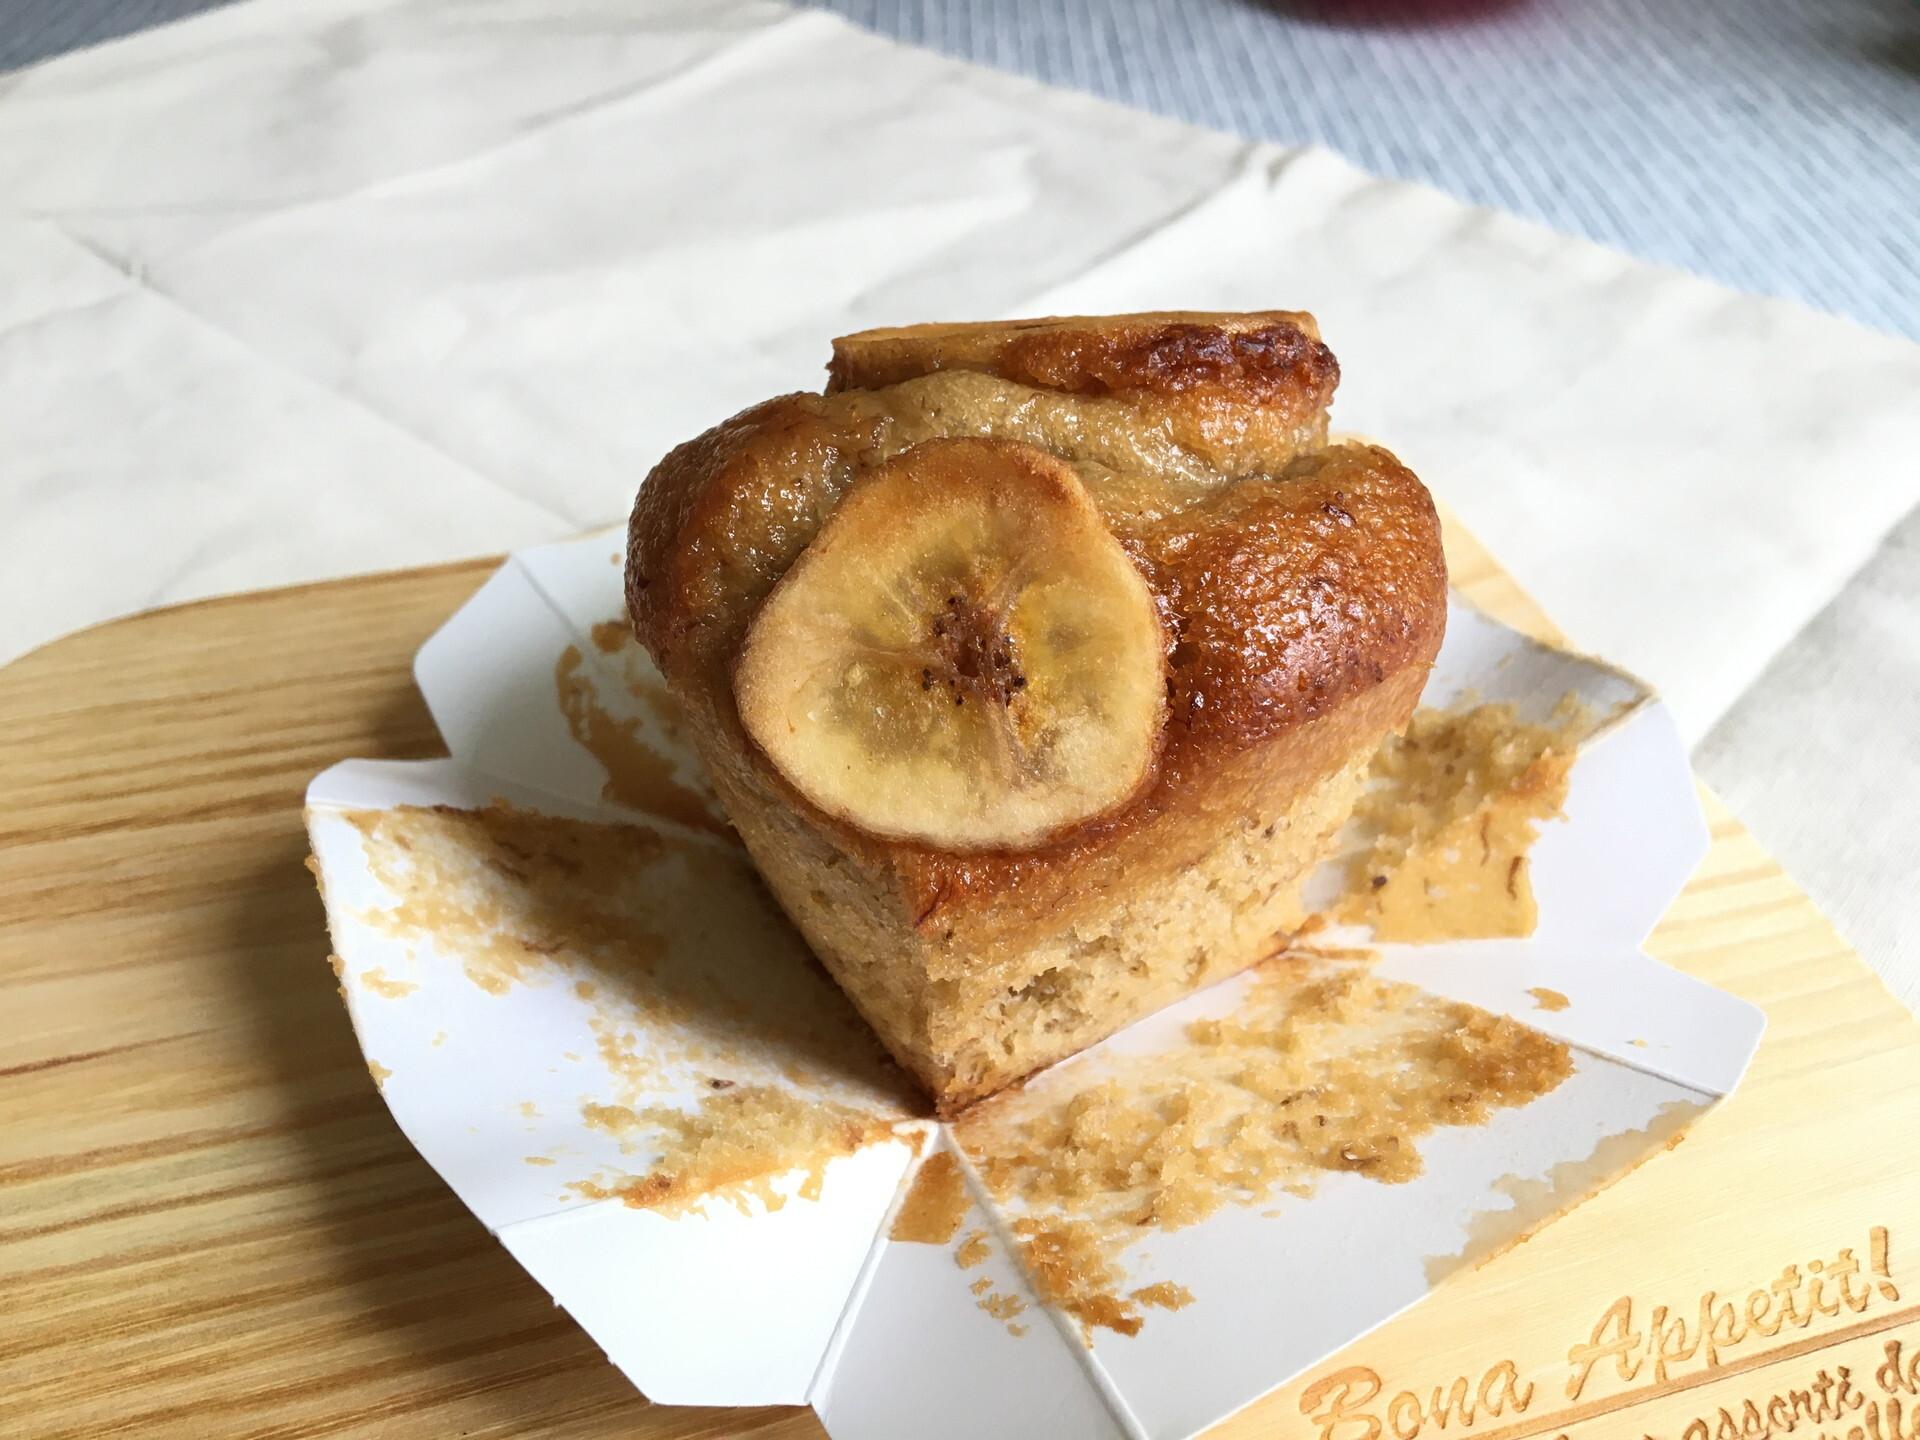 ローソンのマチノパン「バナナたっぷりマイモーニングケーキ」